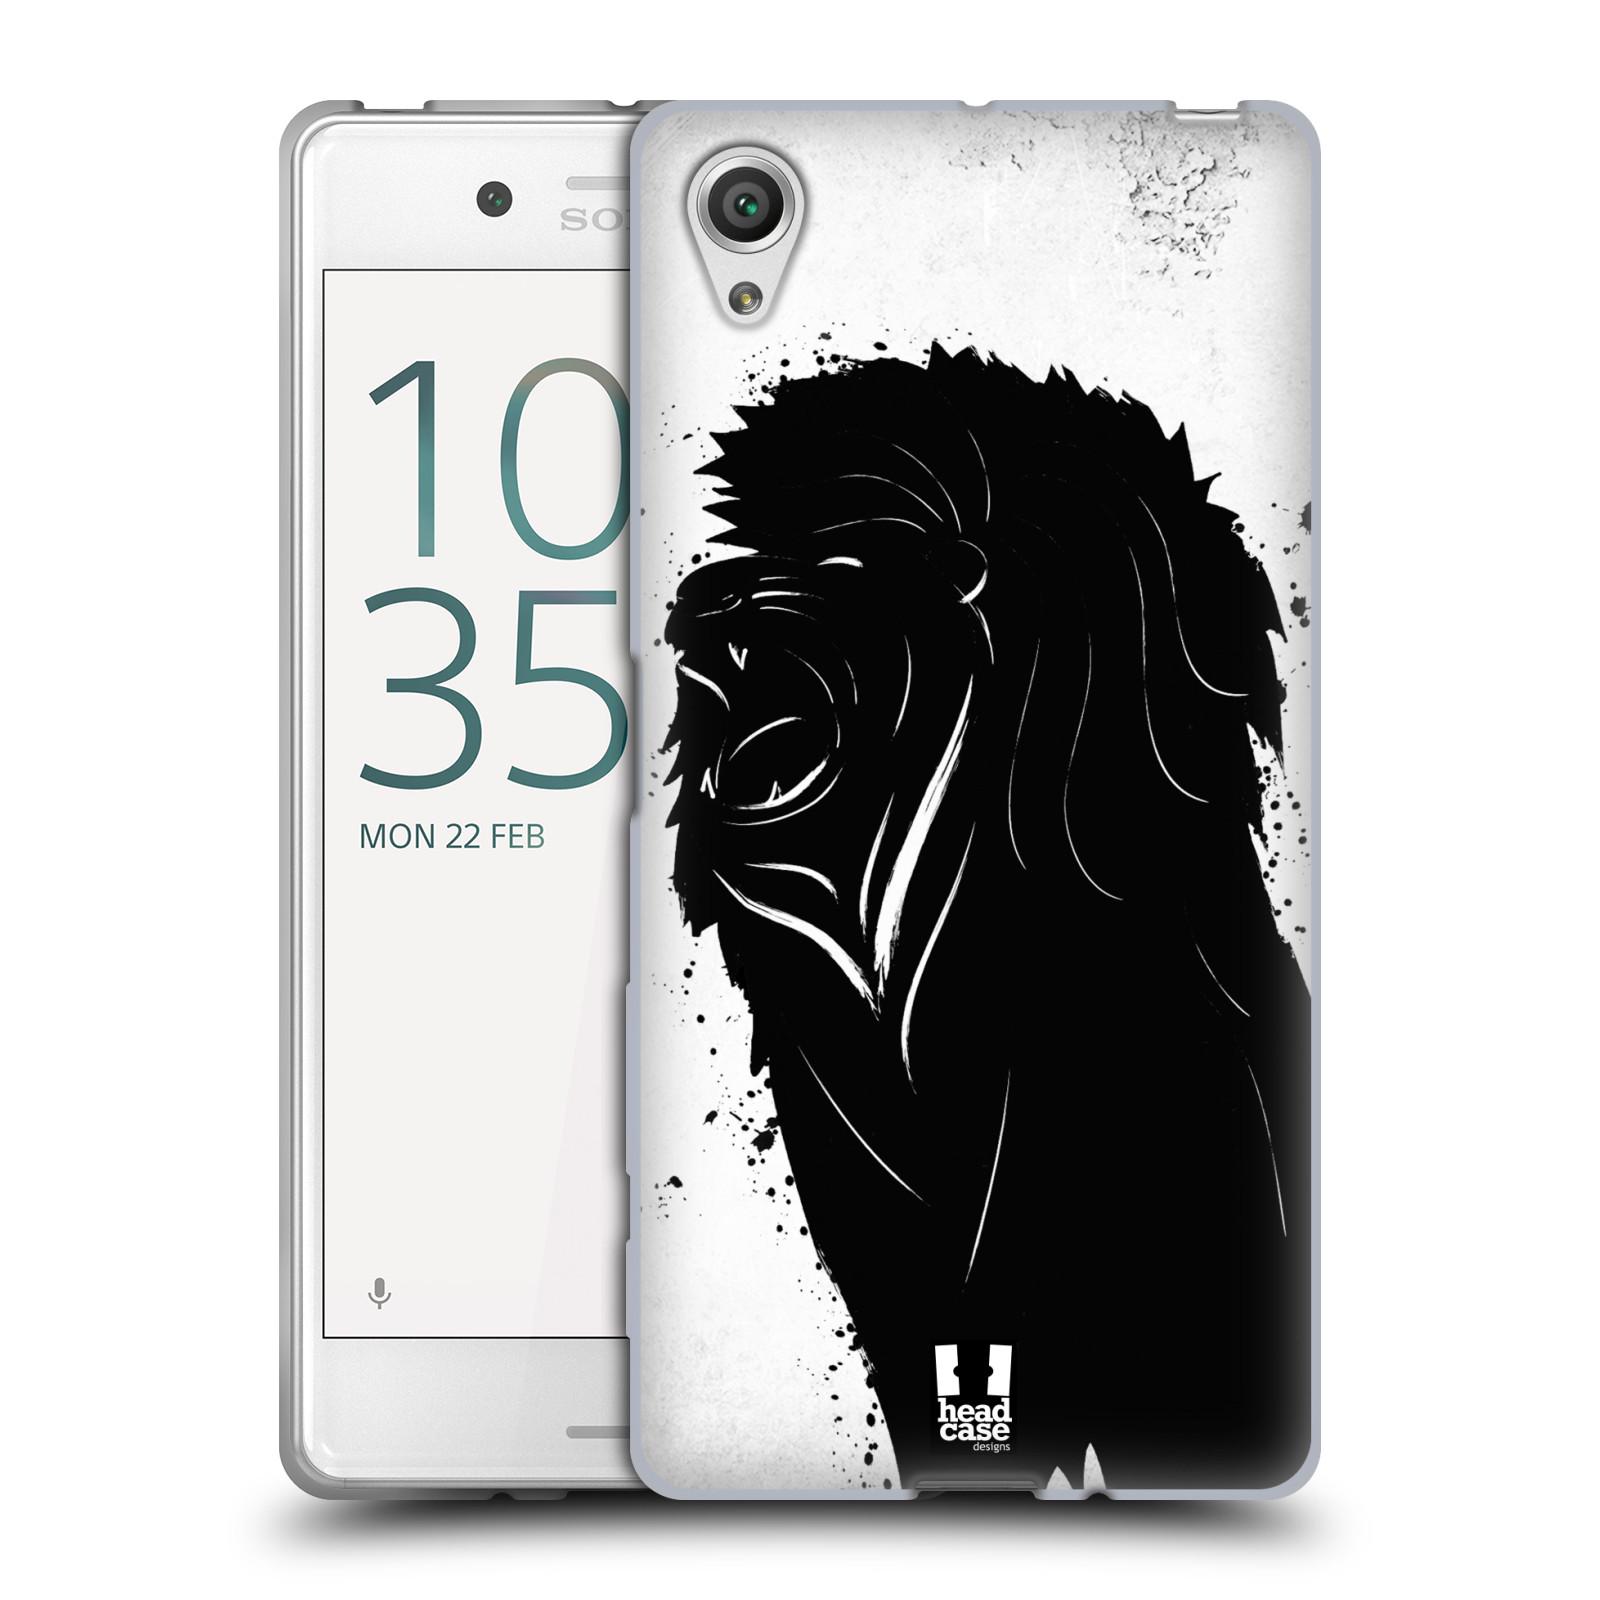 HEAD CASE silikonový obal na mobil Sony Xperia X / X DUAL vzor Kresba tuš zvíře lev